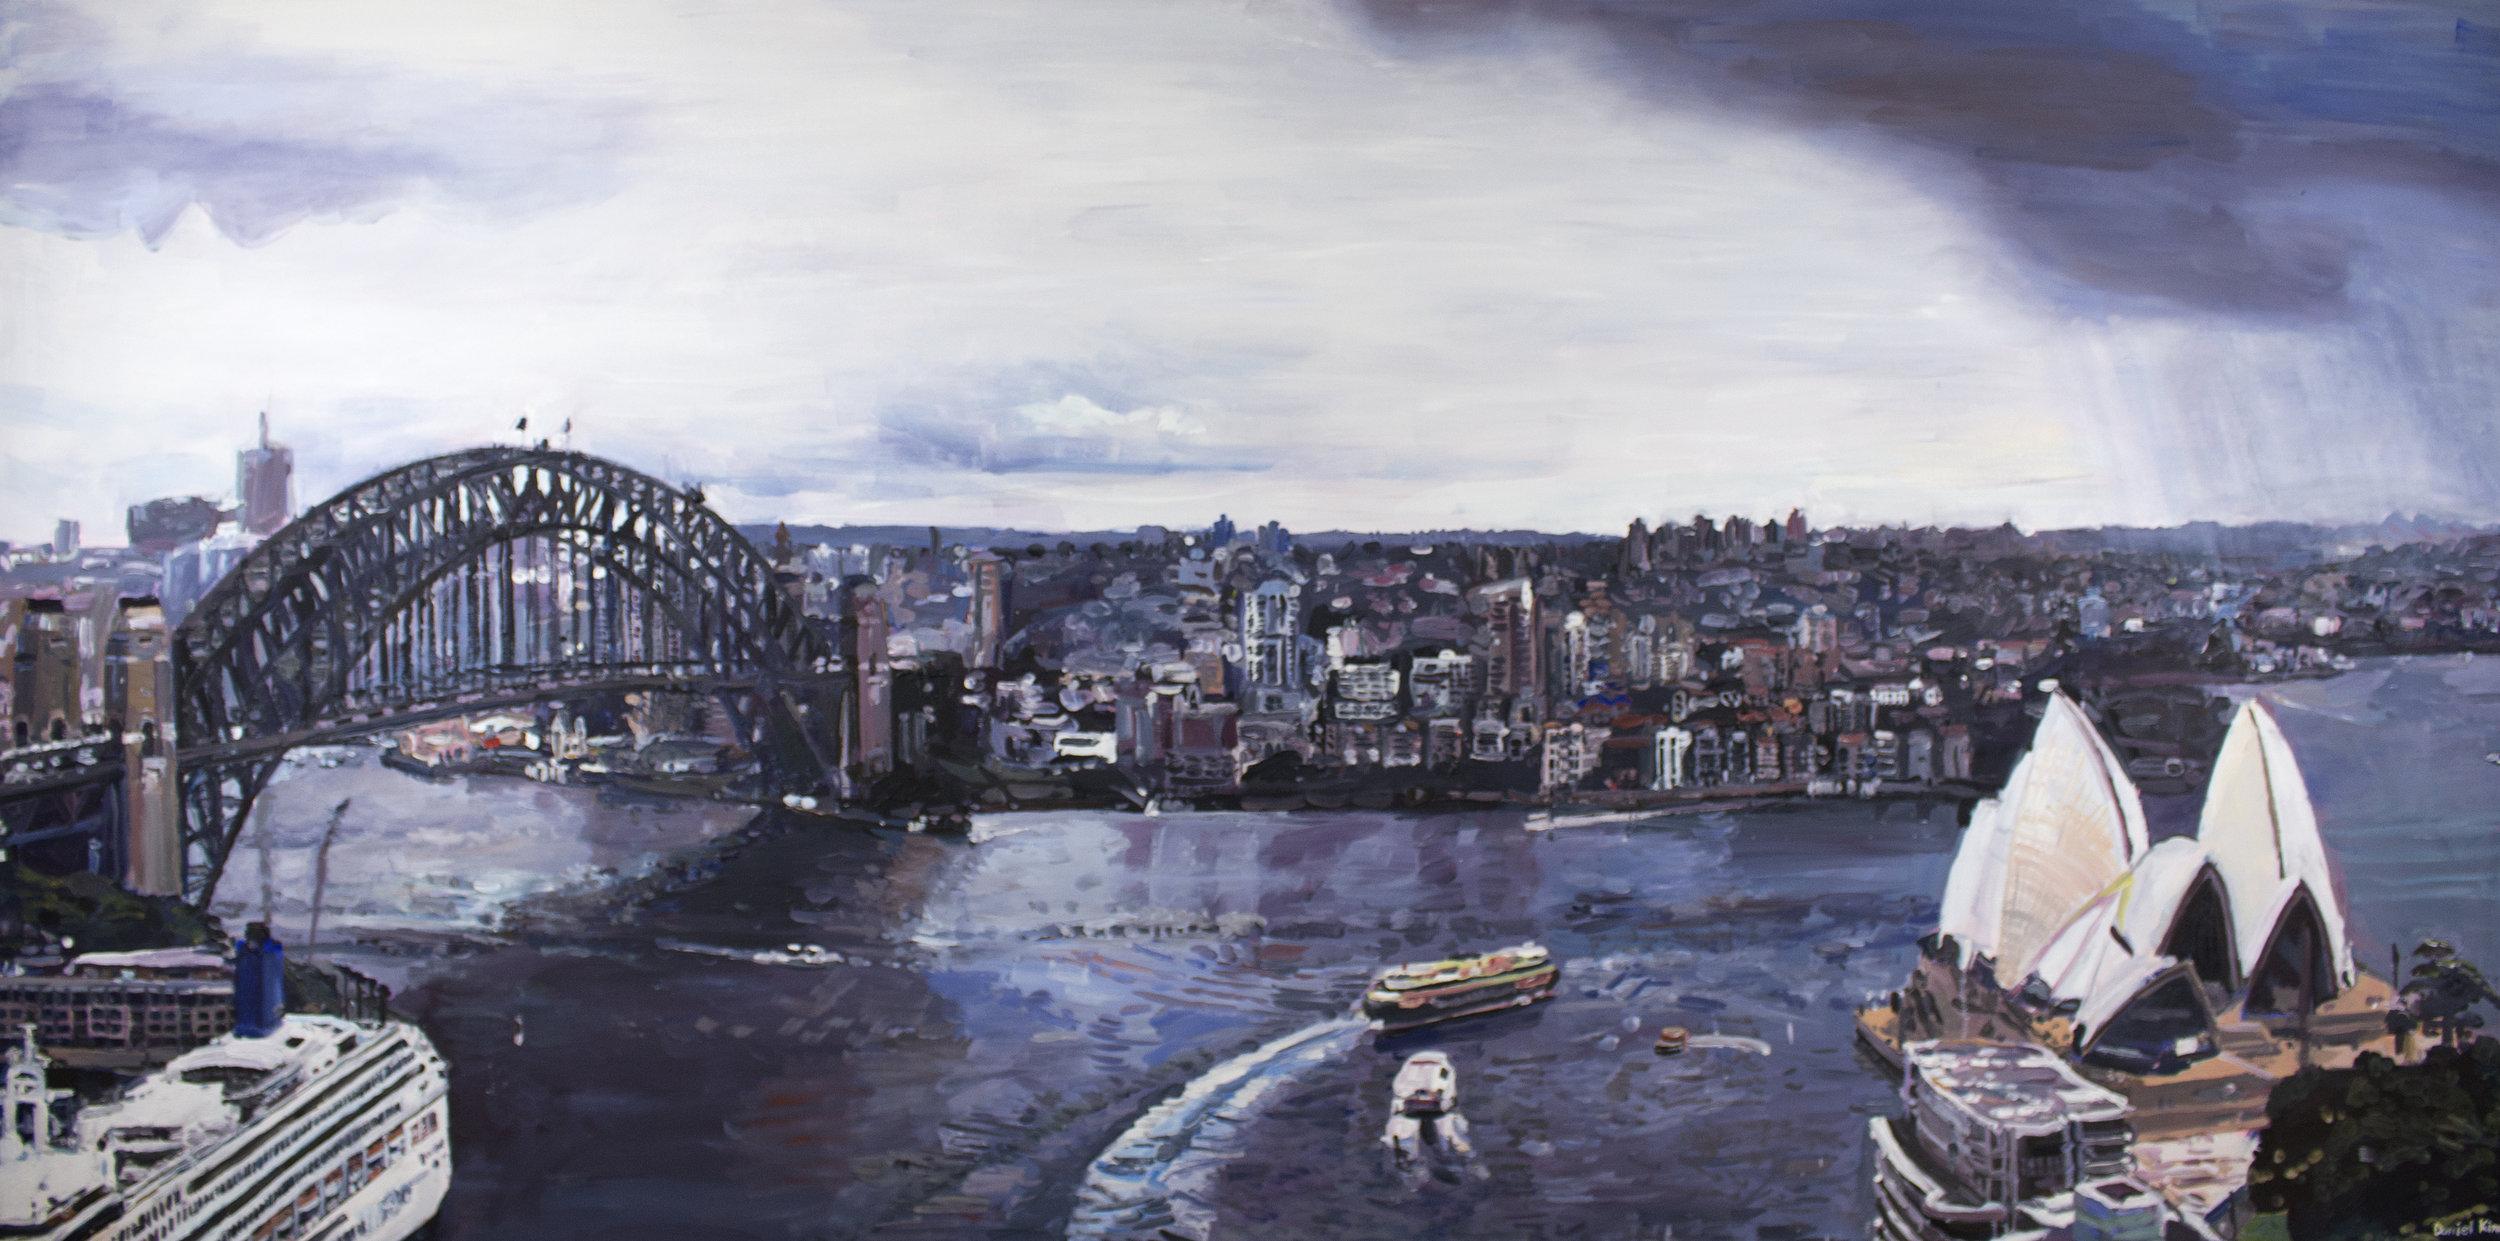 Daniel kim - Sydney Harbour.jpg